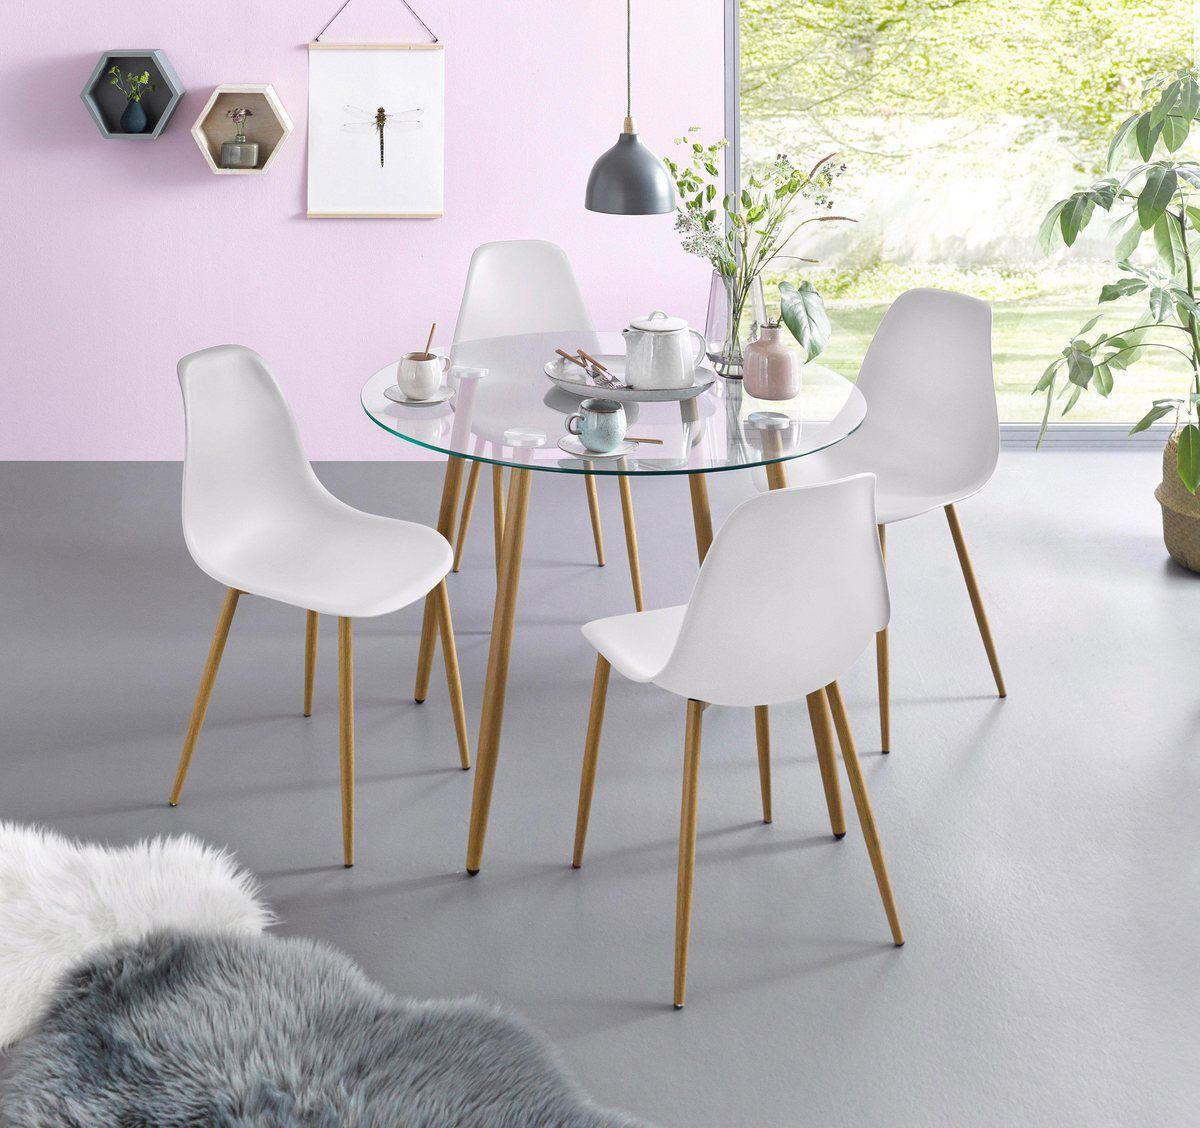 Essgruppe Set 5 Tlg Glastisch Mit 4 Stuhlen Kunststoffschale